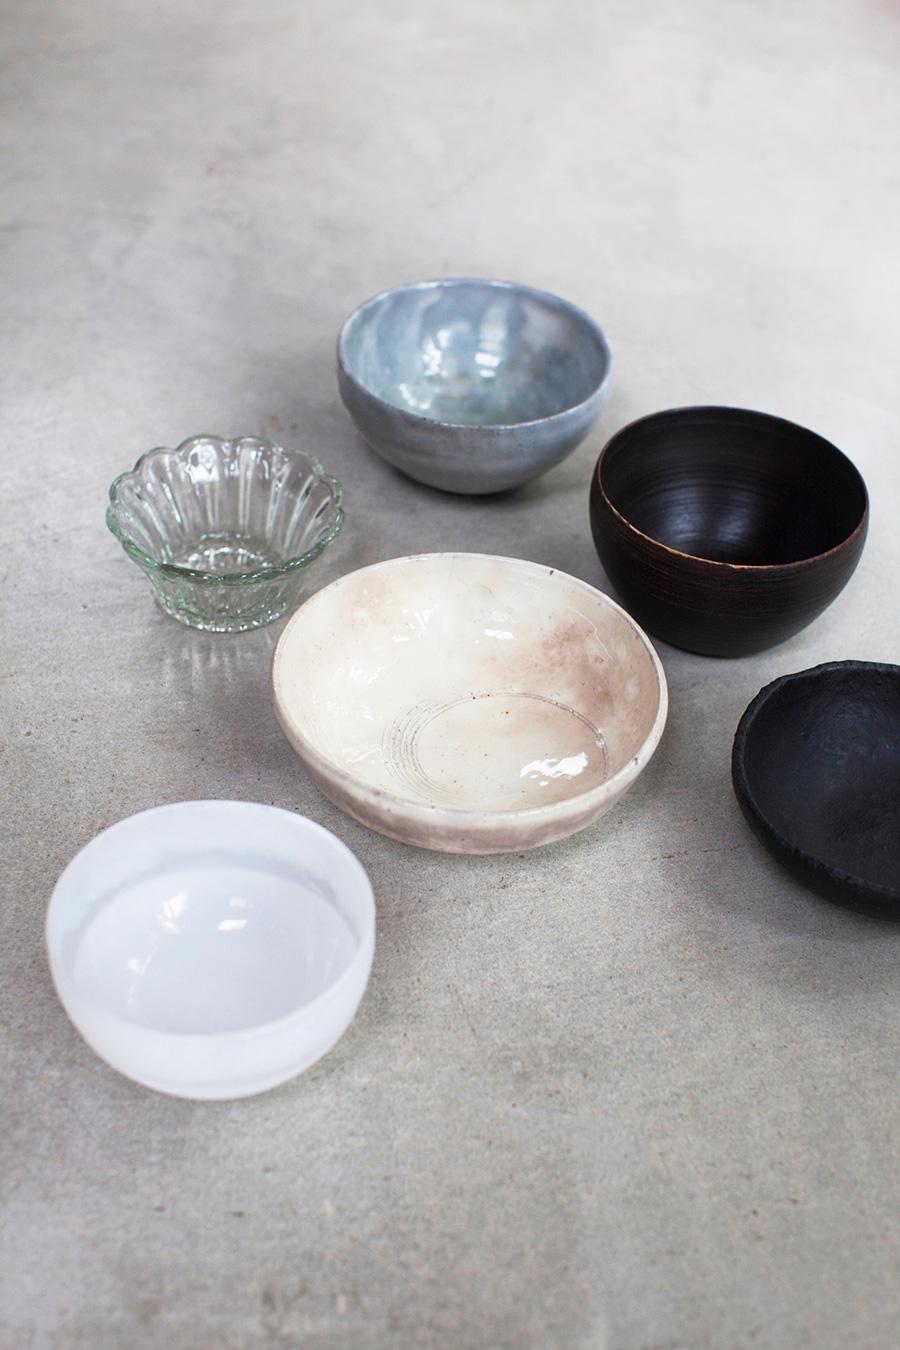 左側のガラスの器は吹きガラス作家アキノヨーコさん(手前)と佐藤玲朗さん(奥)、中央の陶器の器は北九州門司で活動する濱田正明さん。その後ろの茶碗は奈良に青蛾窯を構える松元洋一さん、右手前の陶器に漆をかけた黒いお皿は渡辺隆之さん。奥のお椀は能登の塗師・赤木明登さんの作品。